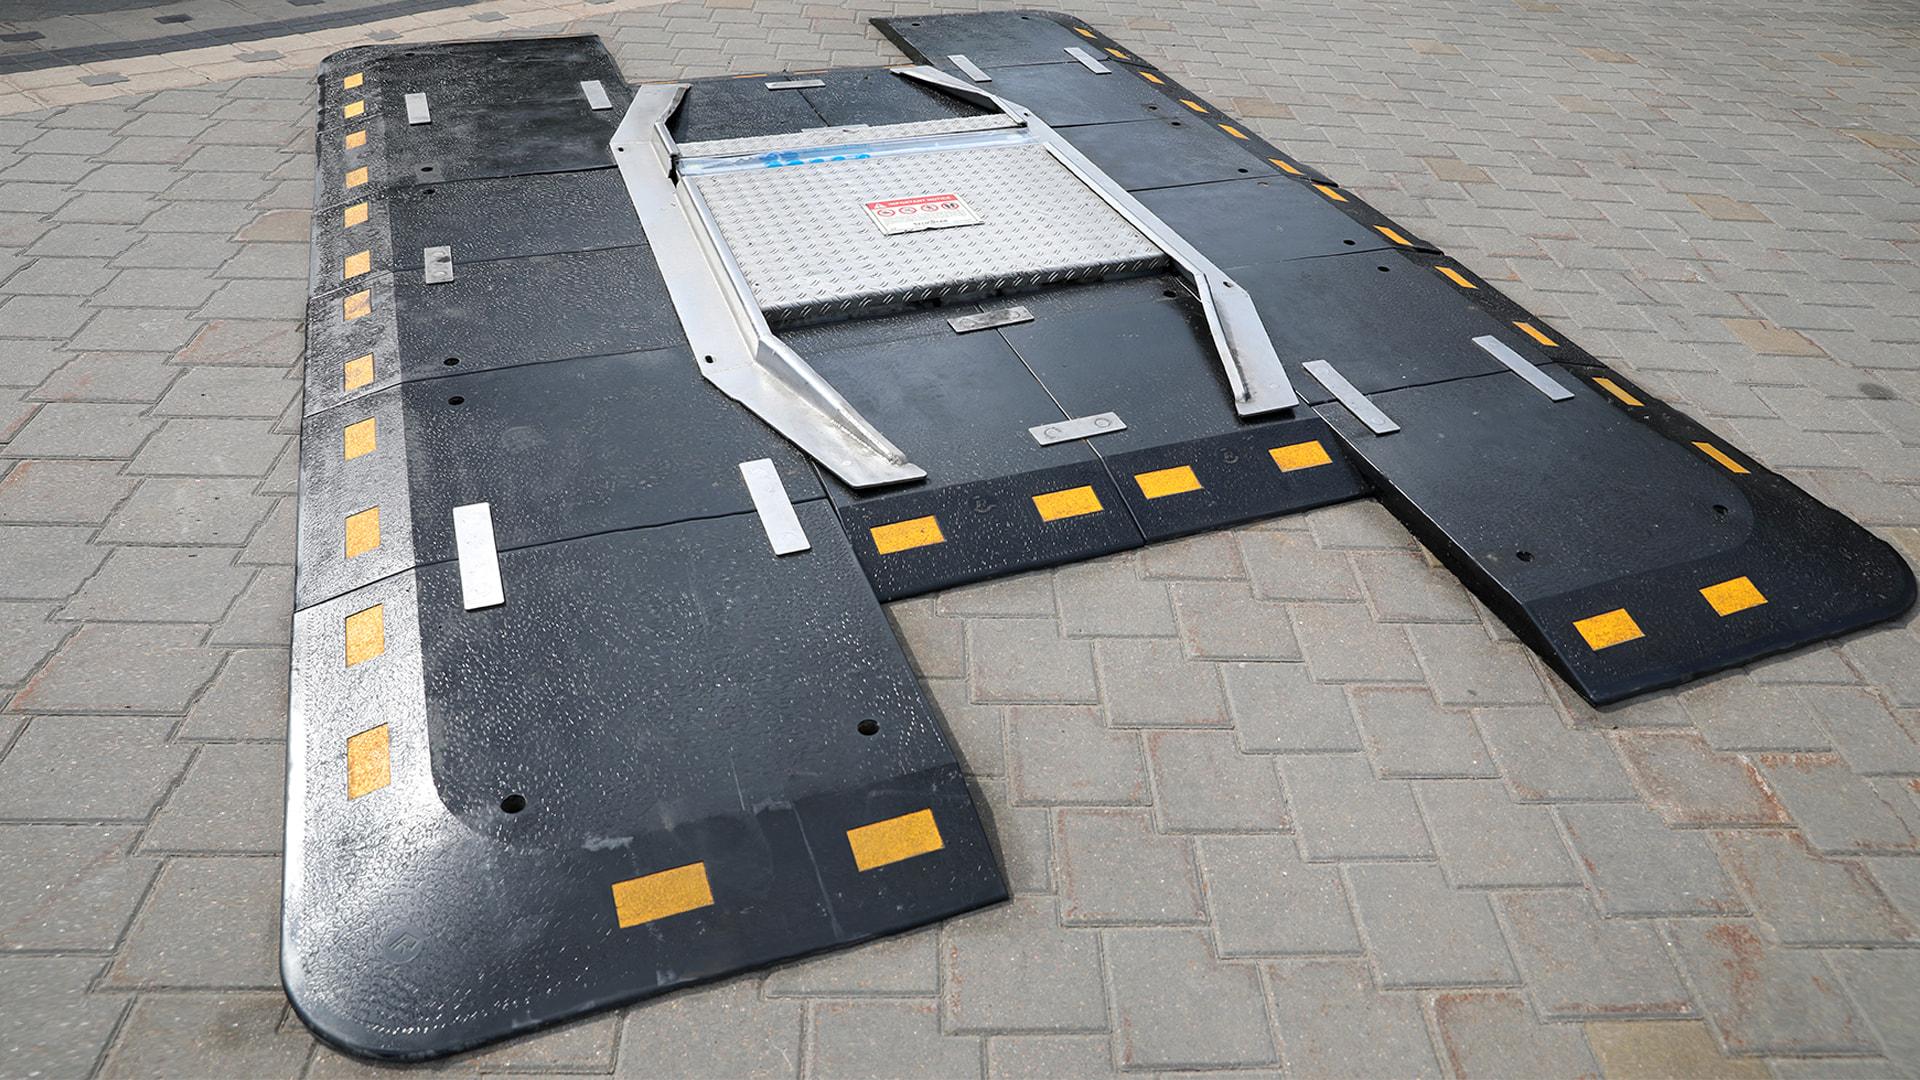 система-сканирования-днища-автомобиля